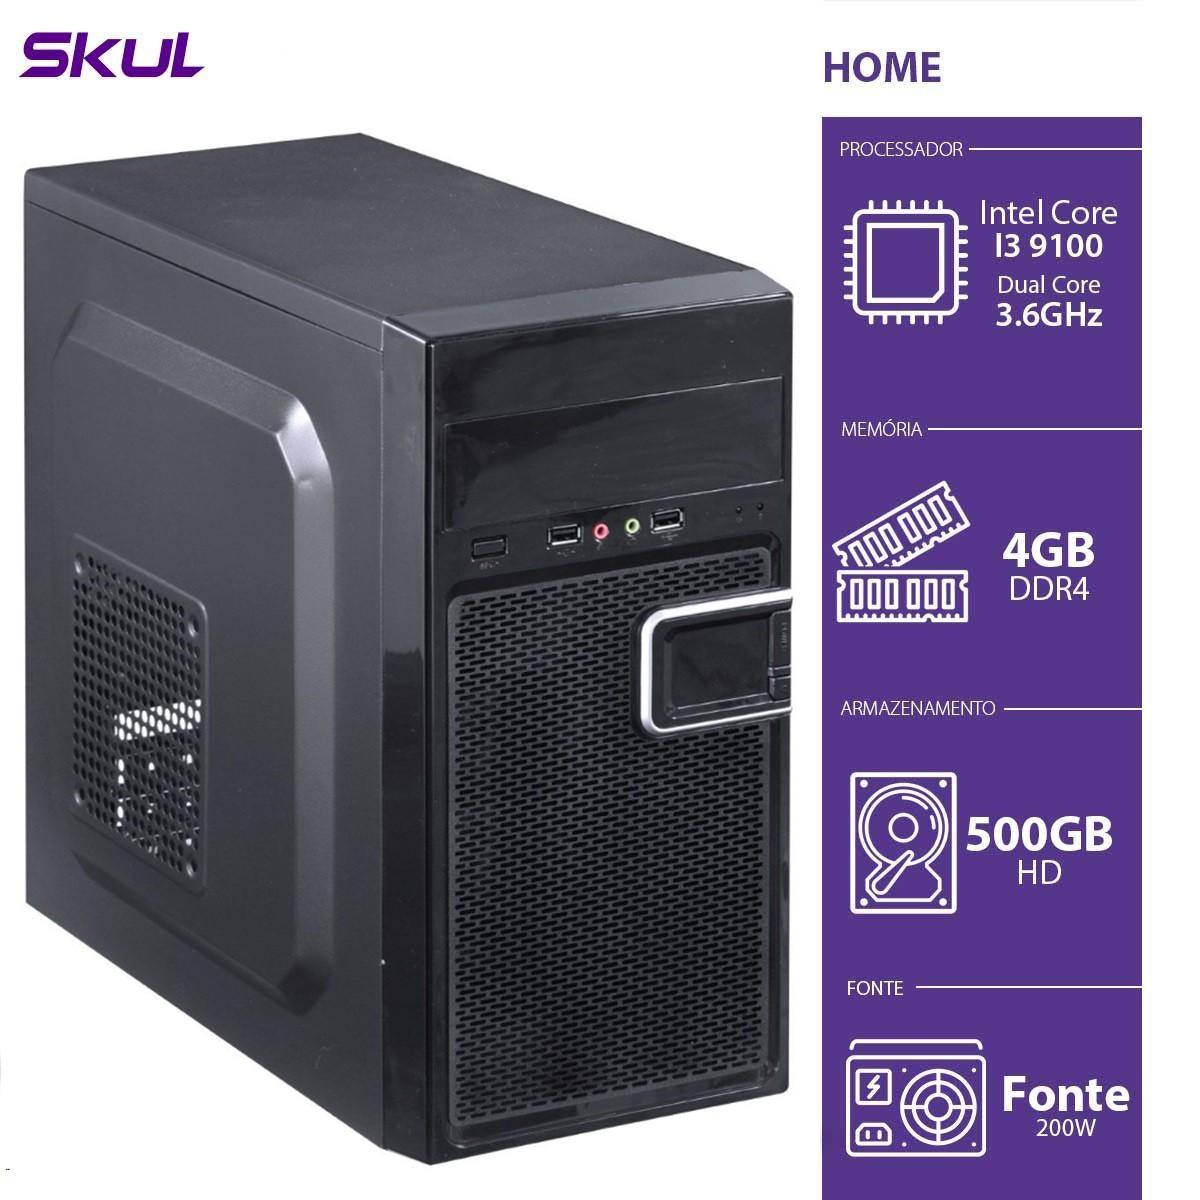 Computador Business B300 - I3-9100 3.6GHZ 4GB DDR4 HD 500GB HDMI/VGA Fonte 200W - B91005004